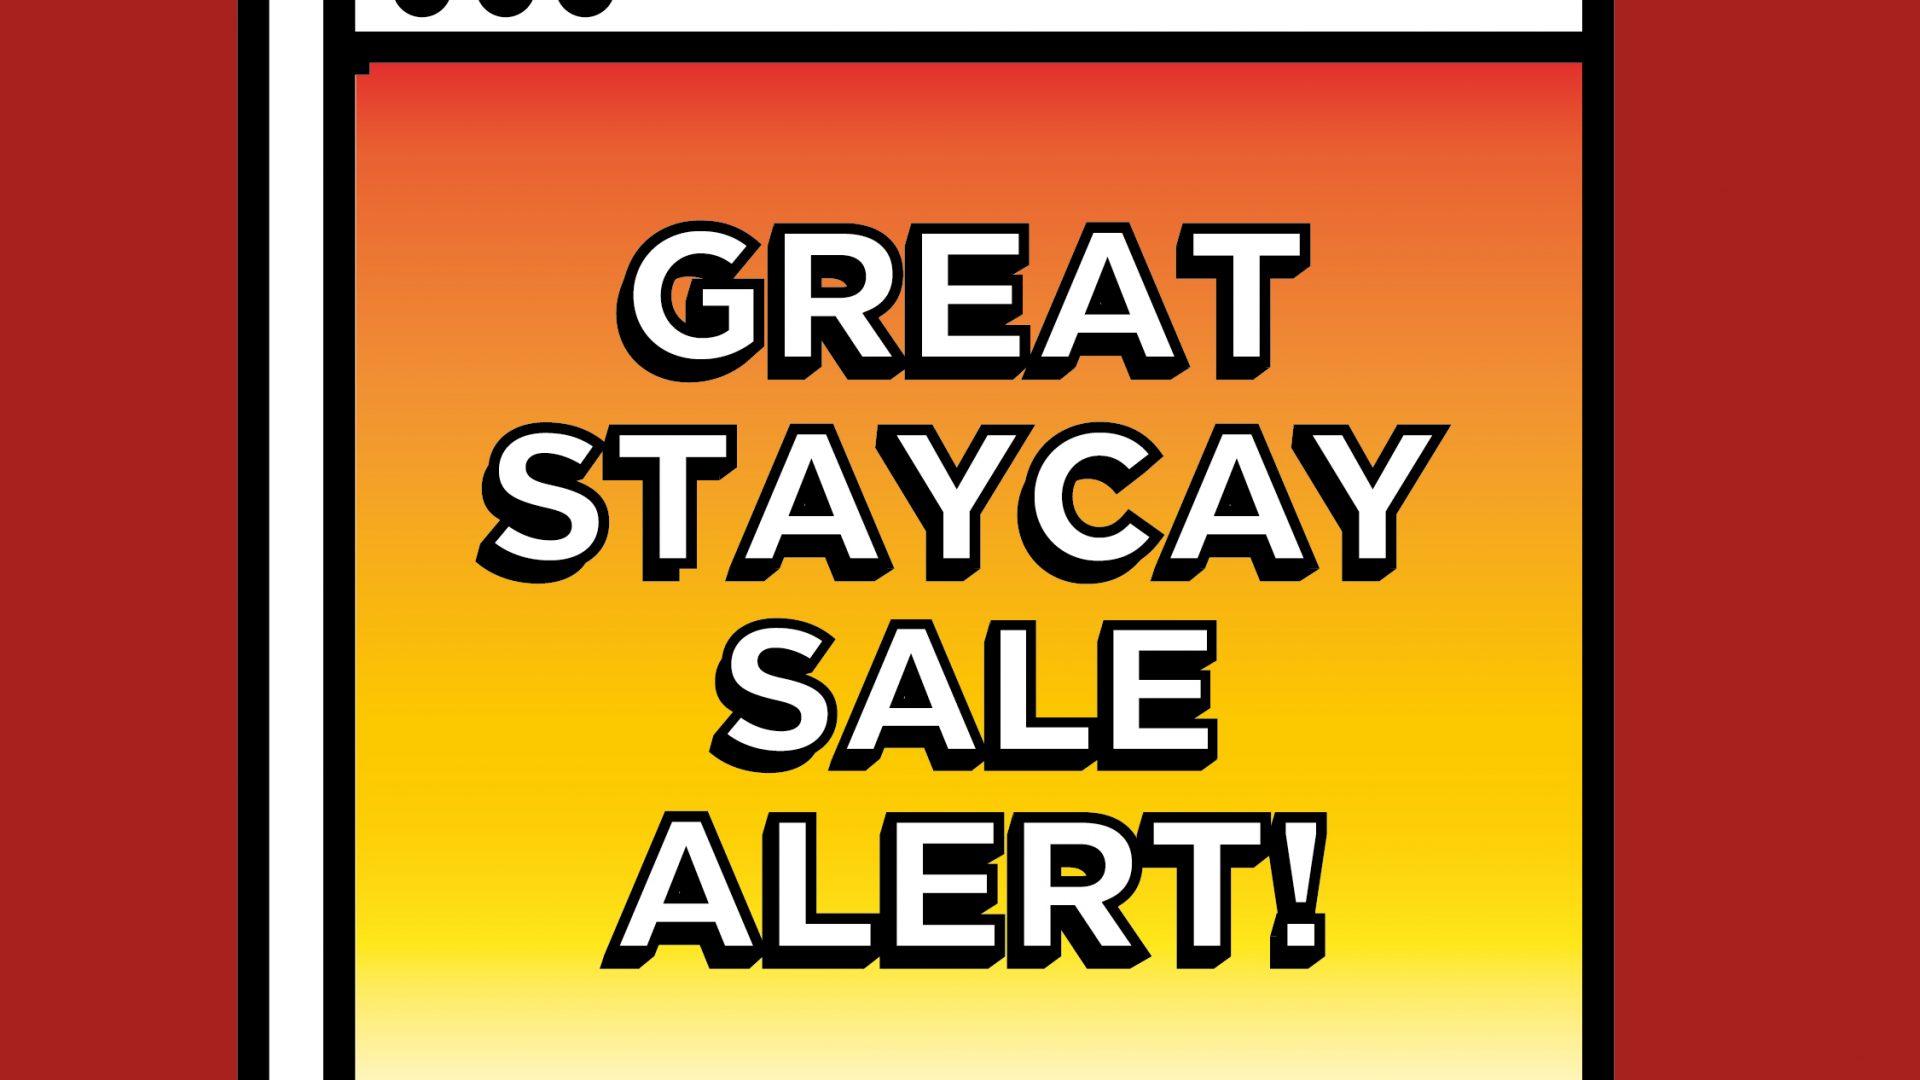 Hotel G Great Staycay Sale